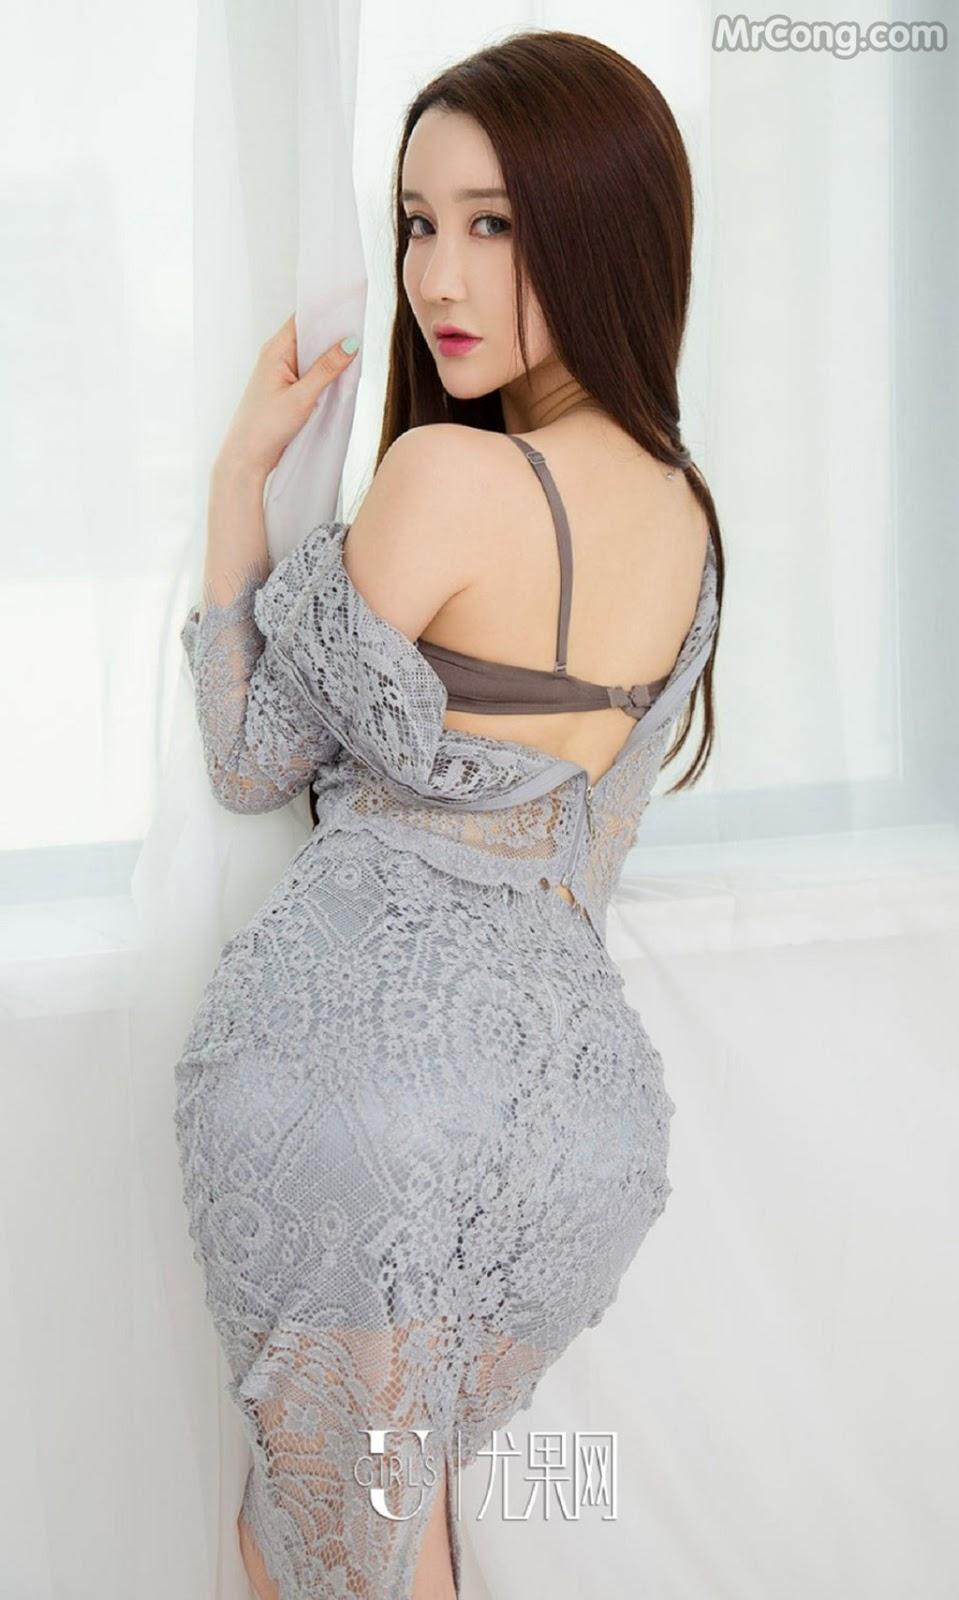 Image UGIRLS-Ai-You-Wu-App-No.733-Xia-Mei-MrCong.com-006 in post UGIRLS – Ai You Wu App No.733: Người mẫu Xia Mei (夏美) (39 ảnh)